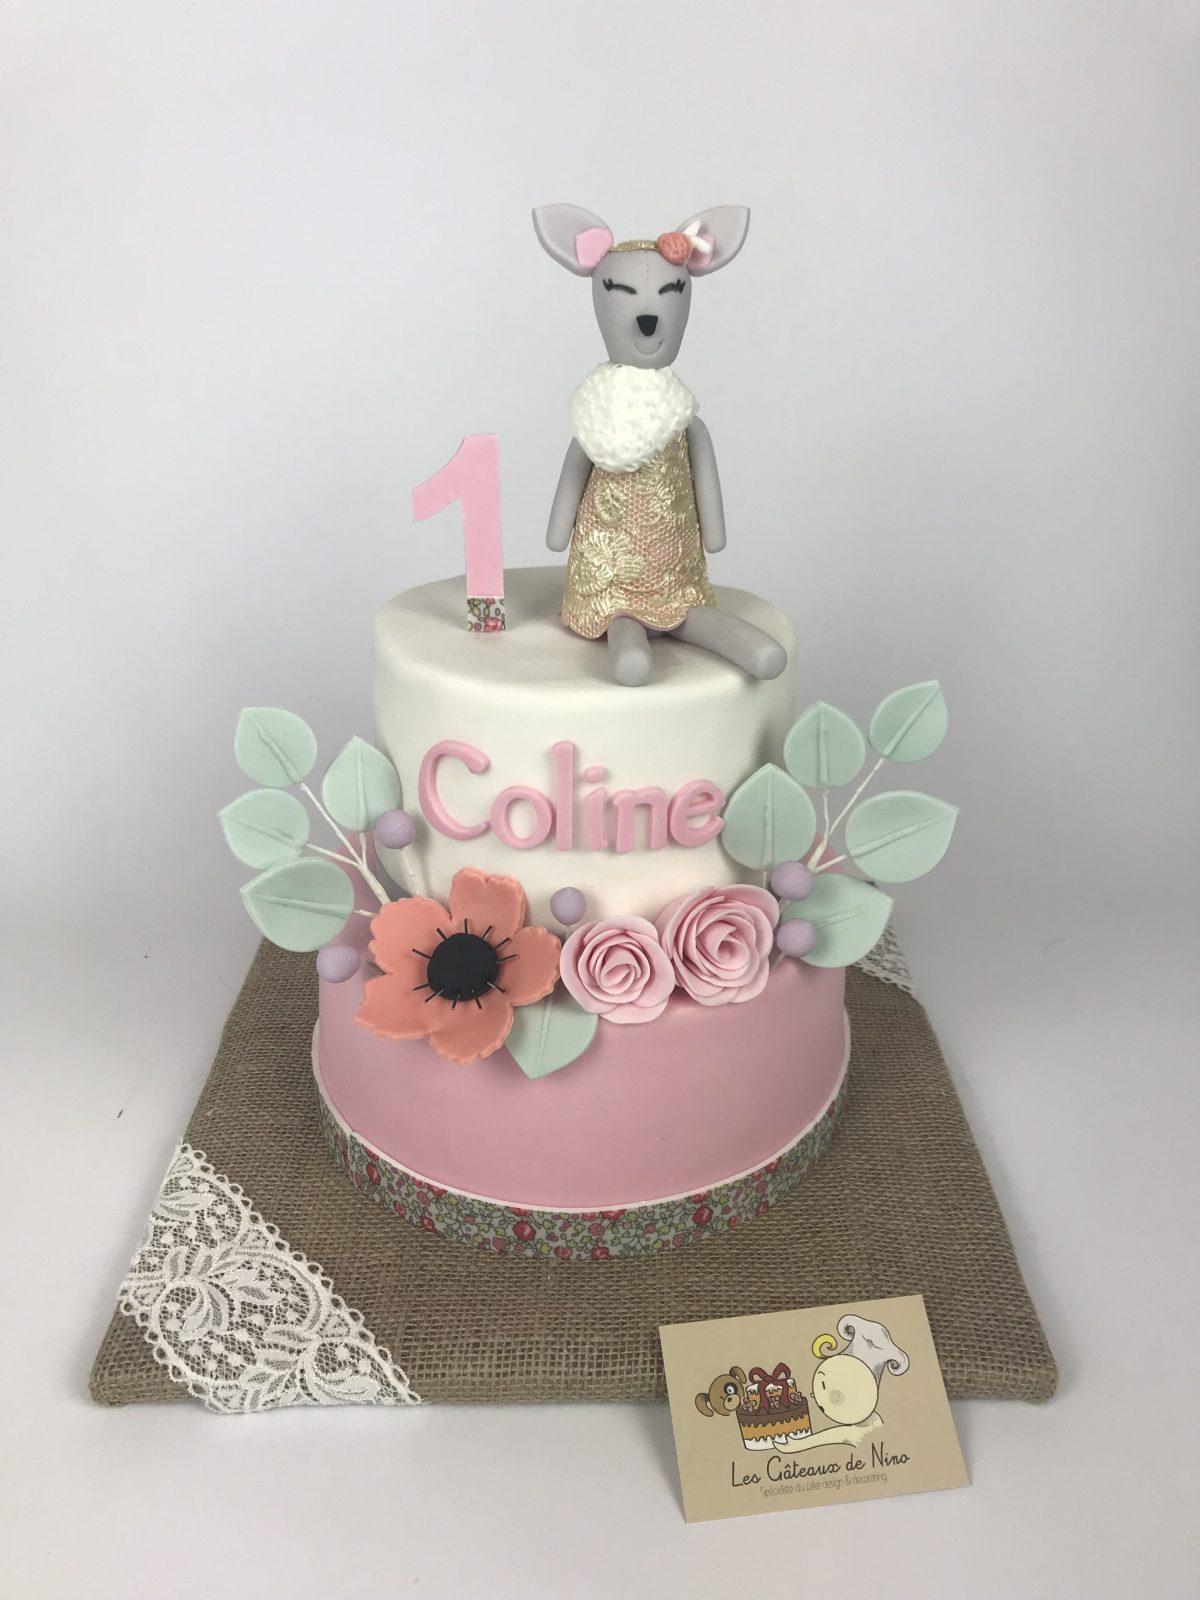 Les Gateaux De Nino Gateau D Anniveraire Original En Vendee 85 Birthday Cake